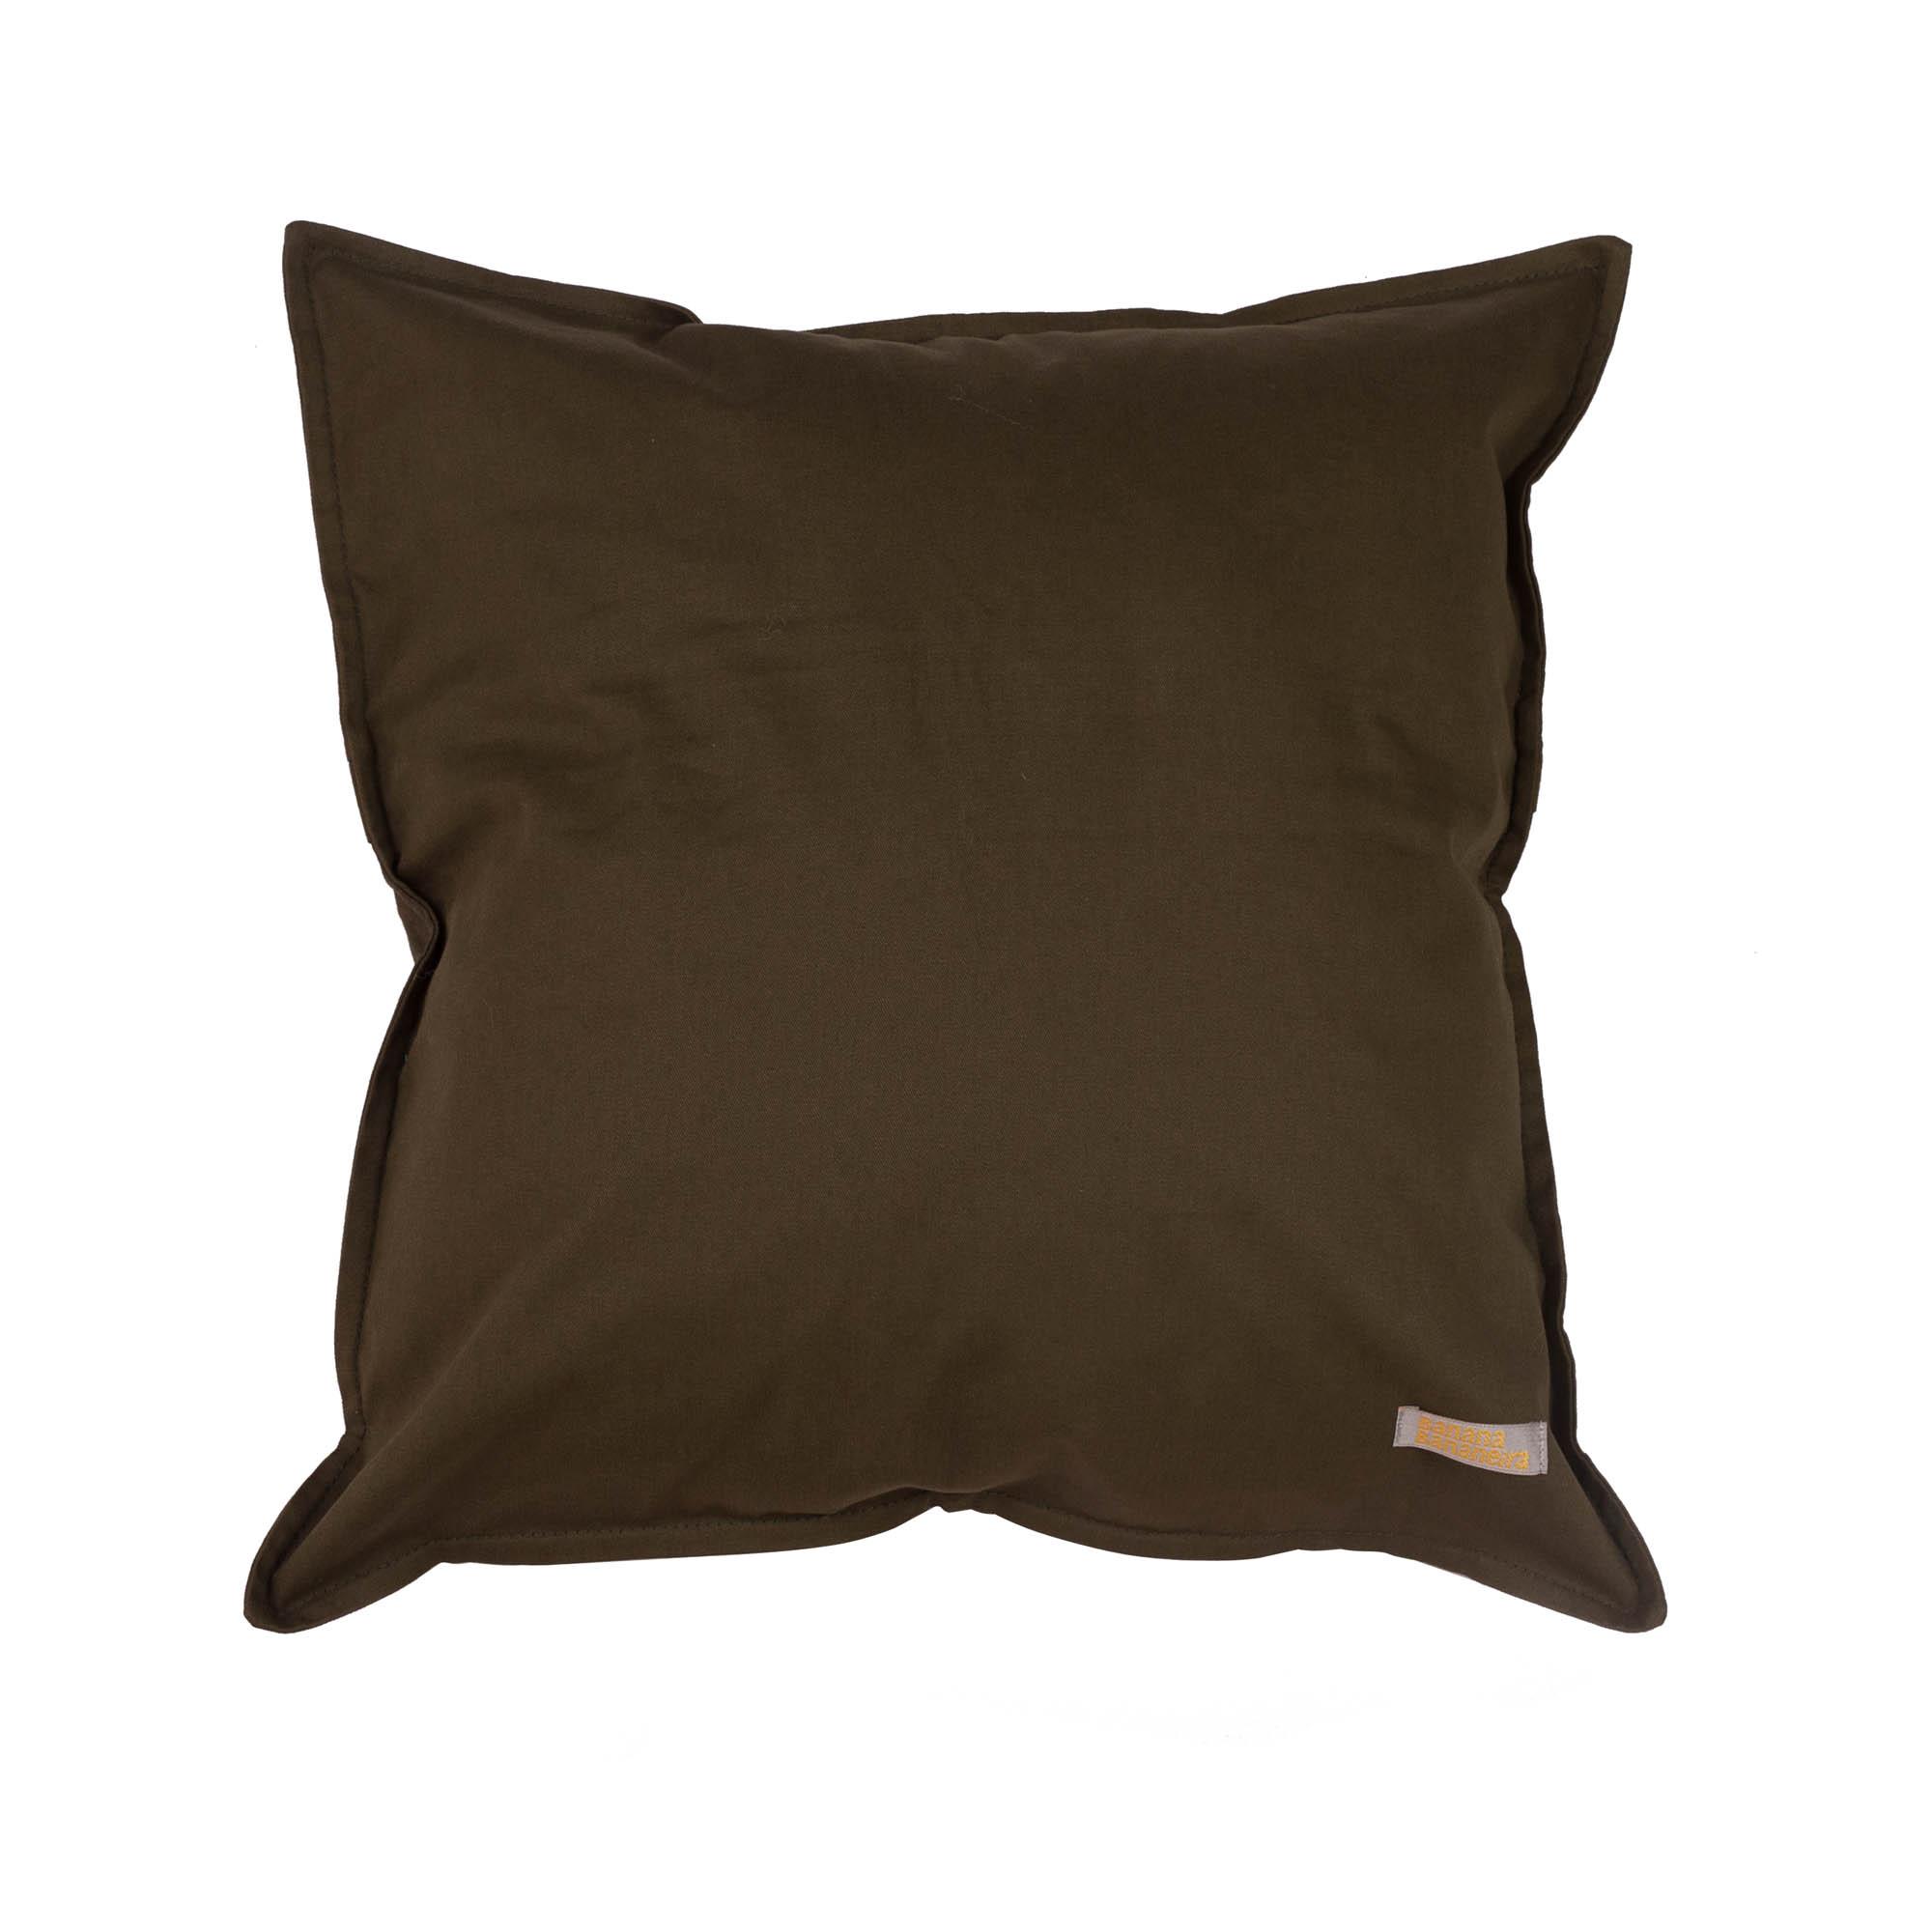 Capa de almofada em pesponto 45 cm x 45 cm verde militar